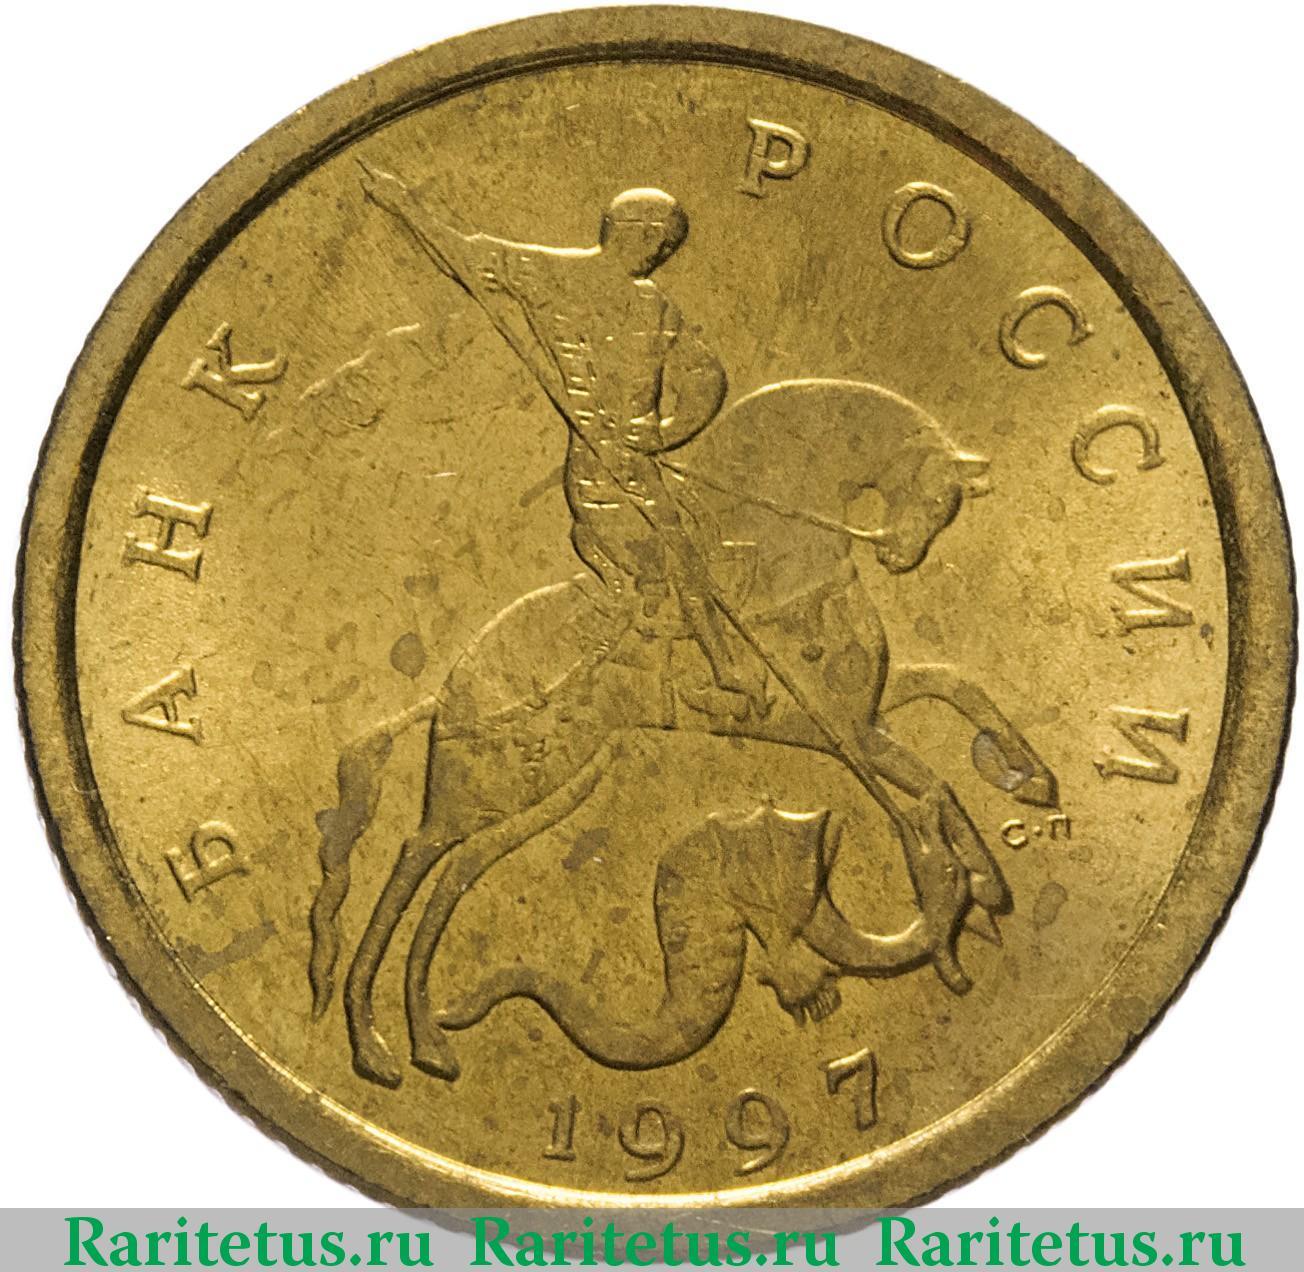 Сколько стоит 10 копеек 1997 евро 2012 купить